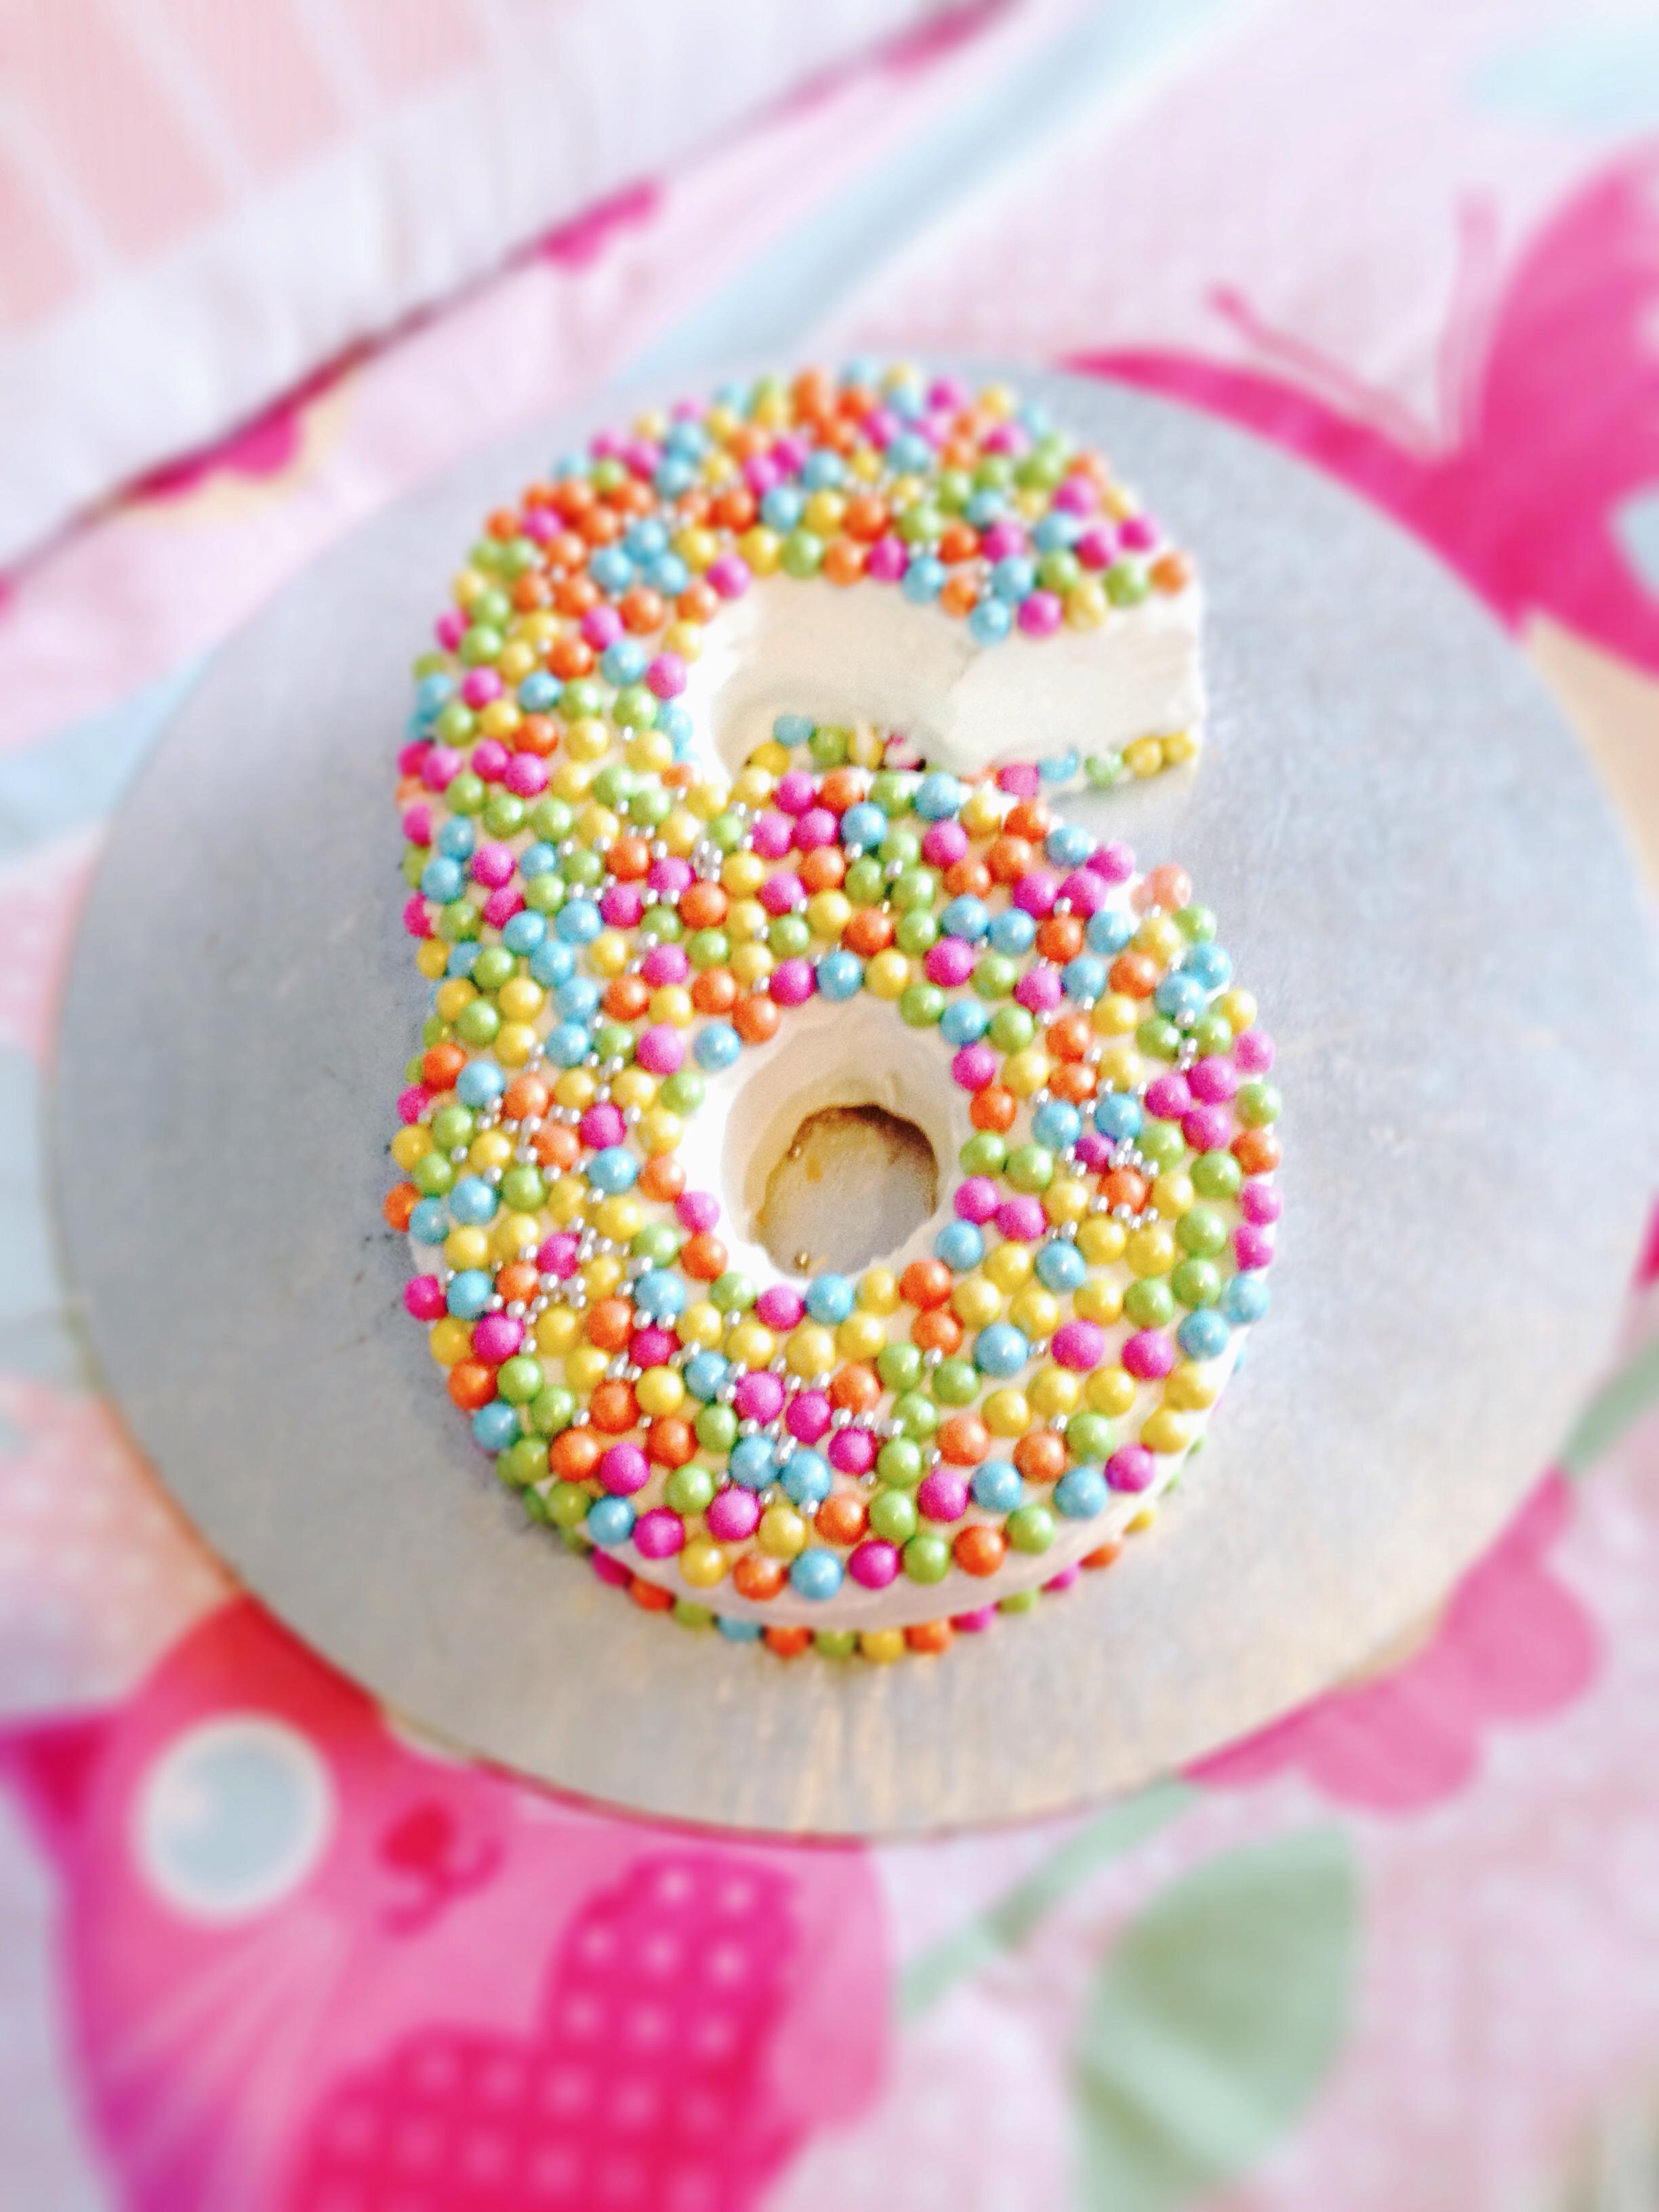 11 6 Girls Cakes Photo Girls Birthday Cake Number 6 Birthday